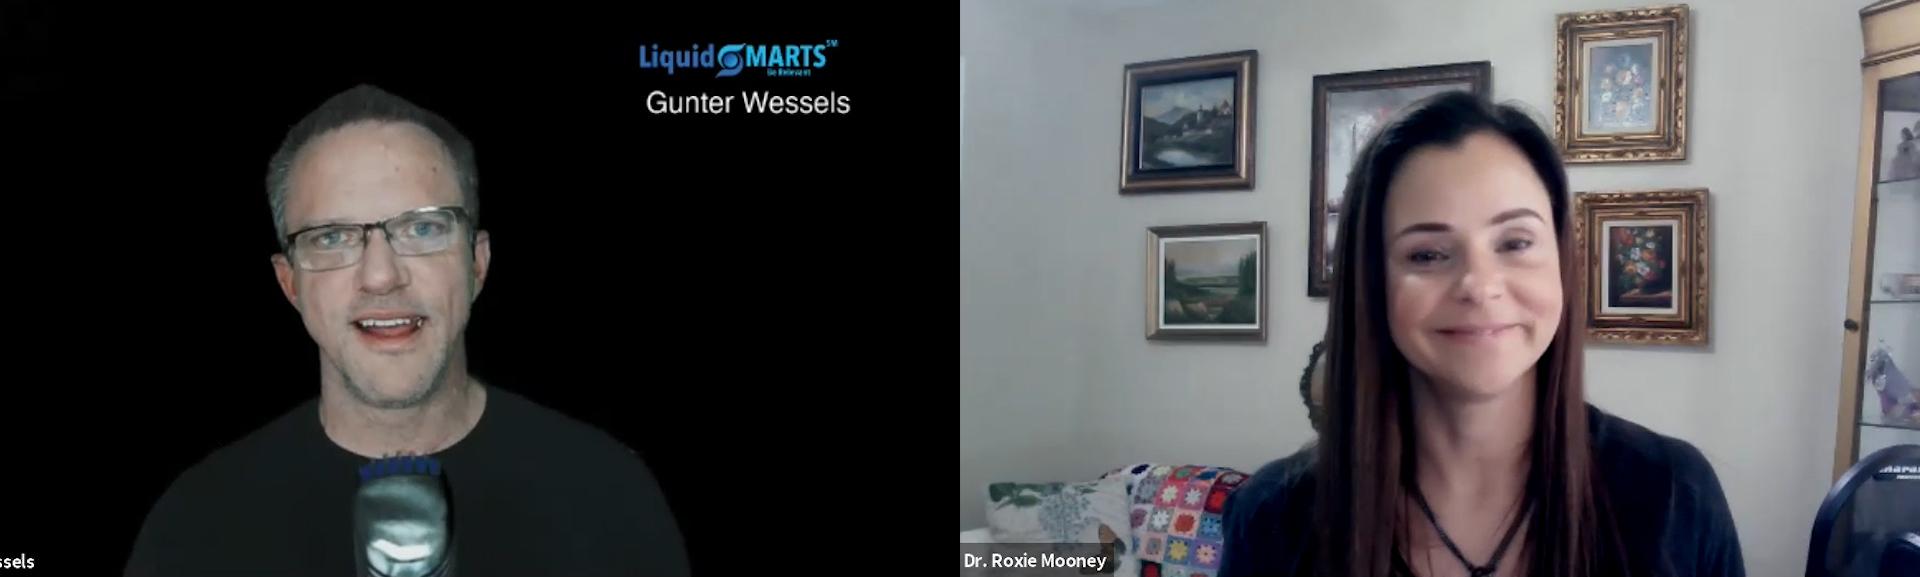 COIQ Gunter Wessels